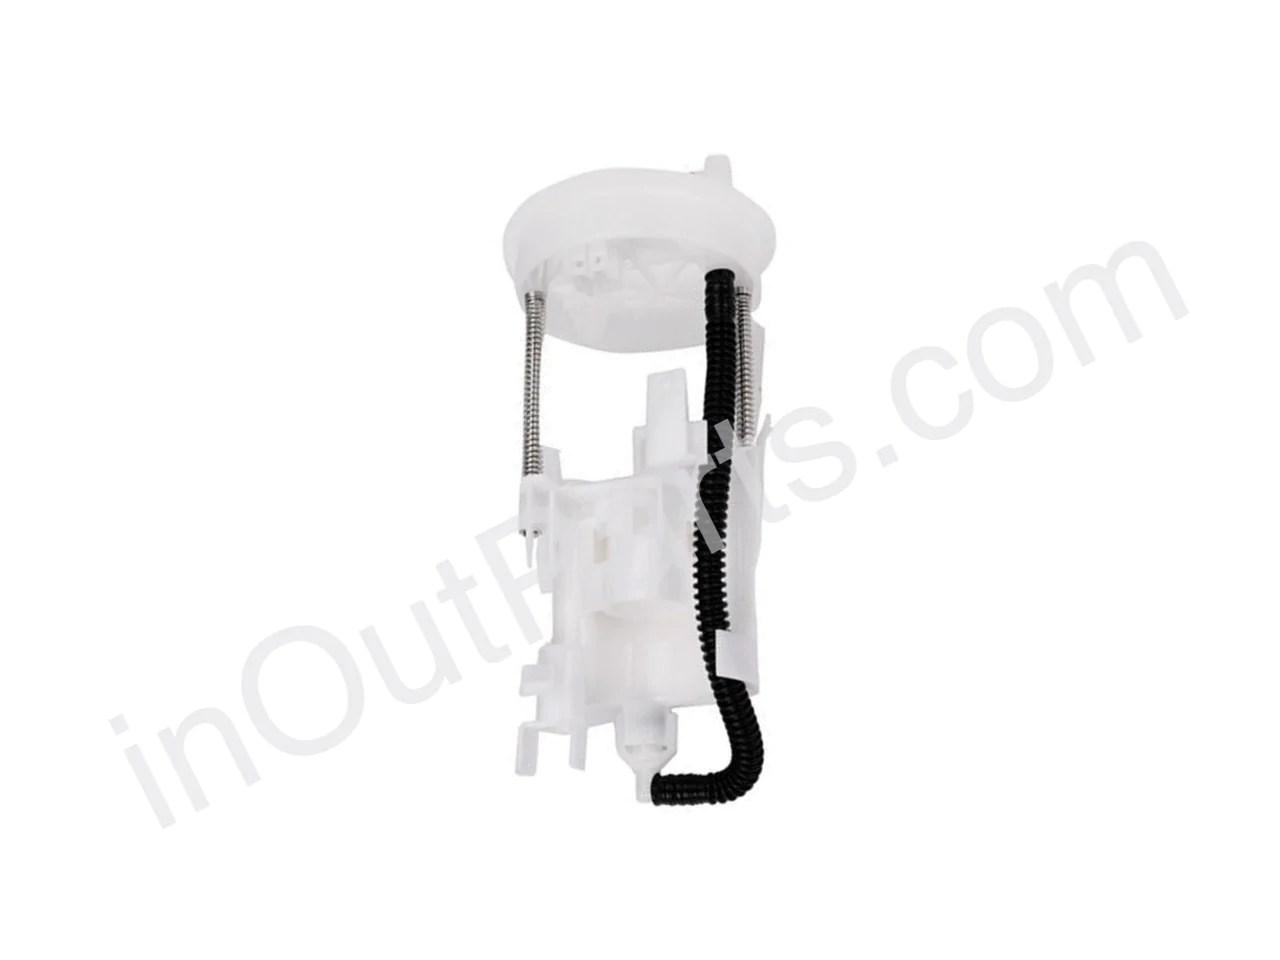 fuel filter fits honda cr v 2 4 re 2 4 2006 2007 2008 2009 2010 2011 inout parts [ 1280 x 960 Pixel ]